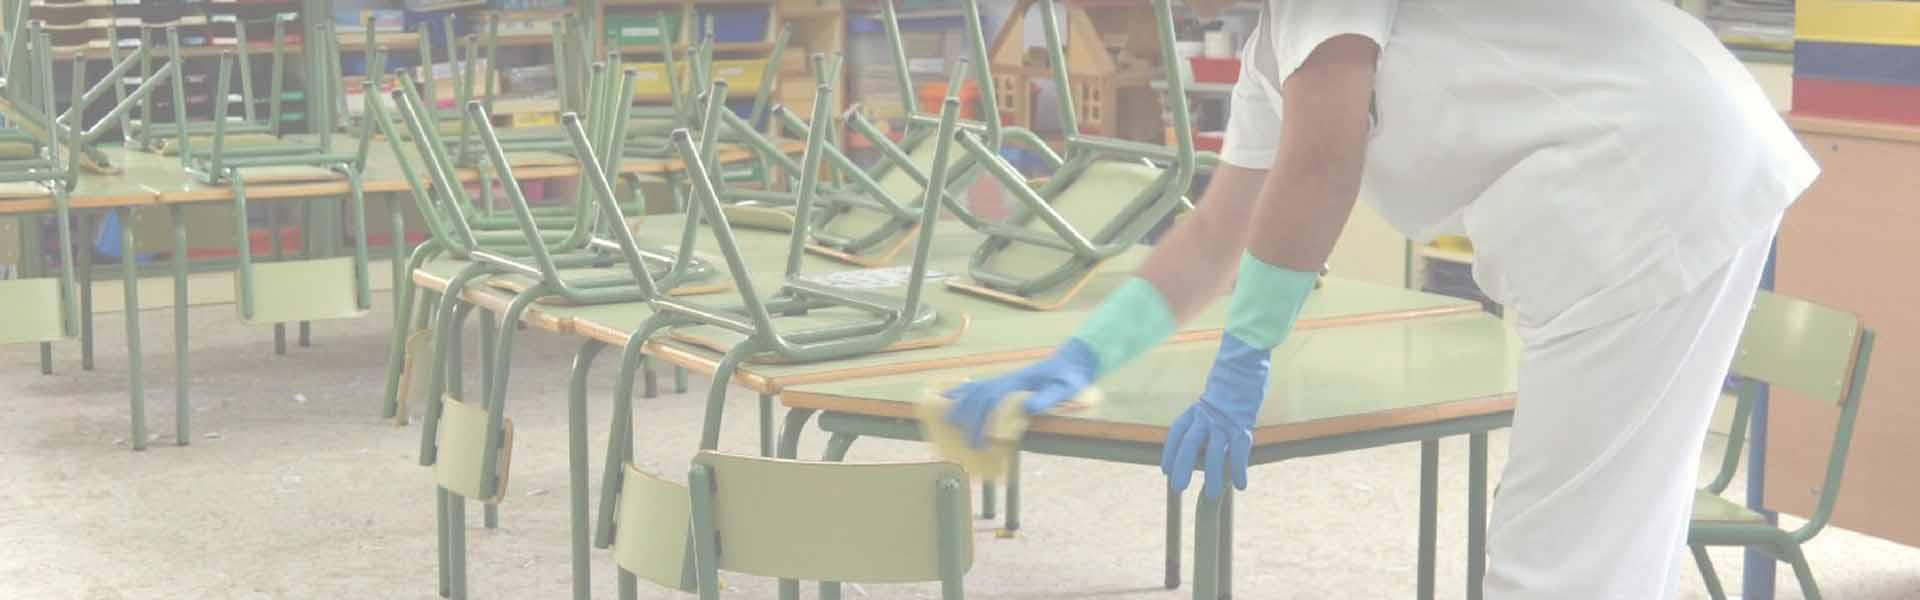 limpieza-escuelas-infantiles